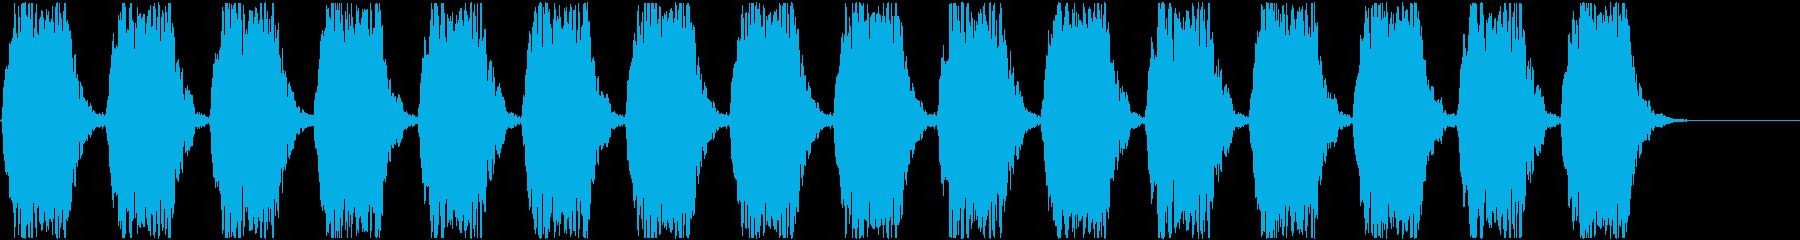 警報アラーム音(中bpm58)ルーム残響の再生済みの波形